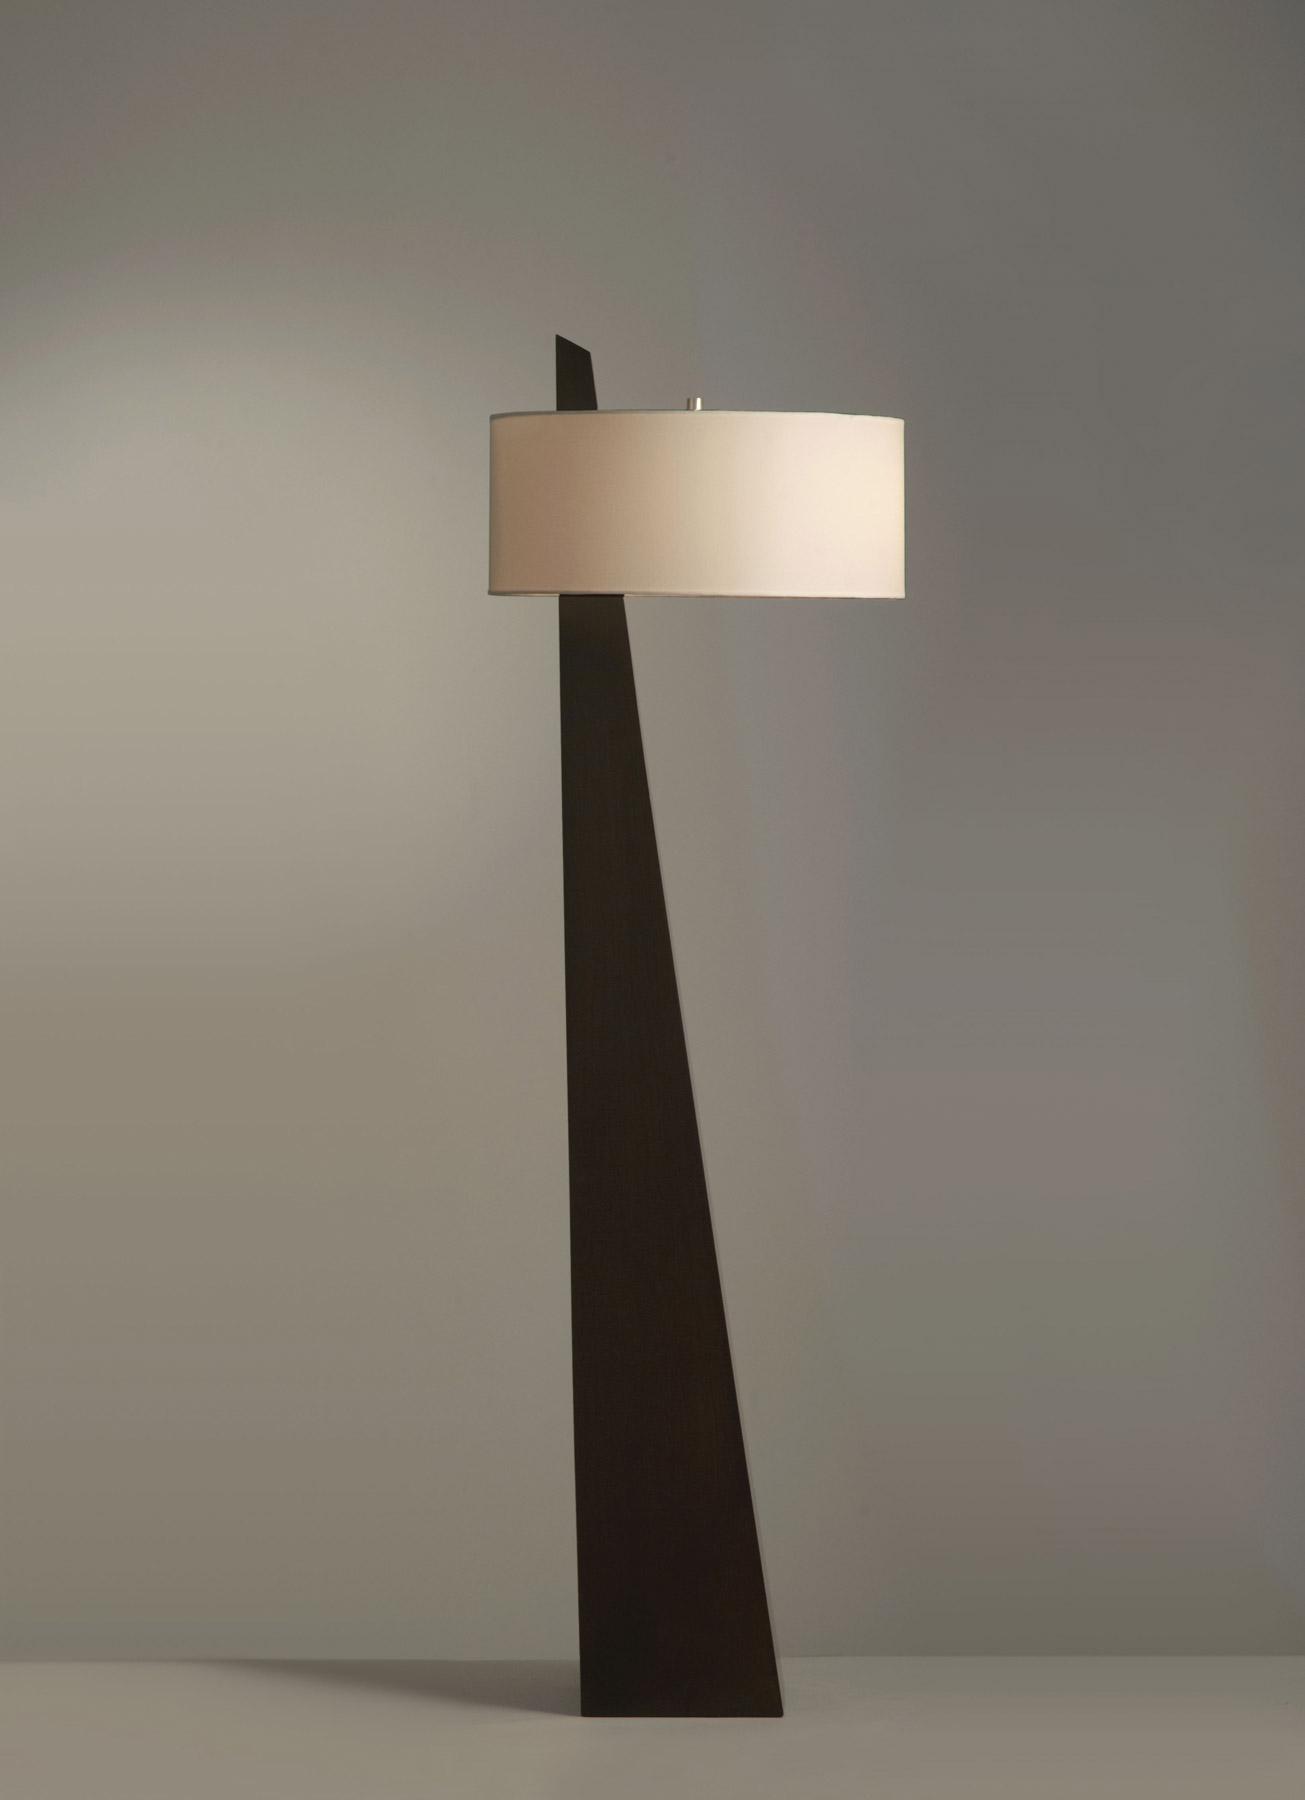 Nova Lighting 11891 Obelisk Floor Lamp